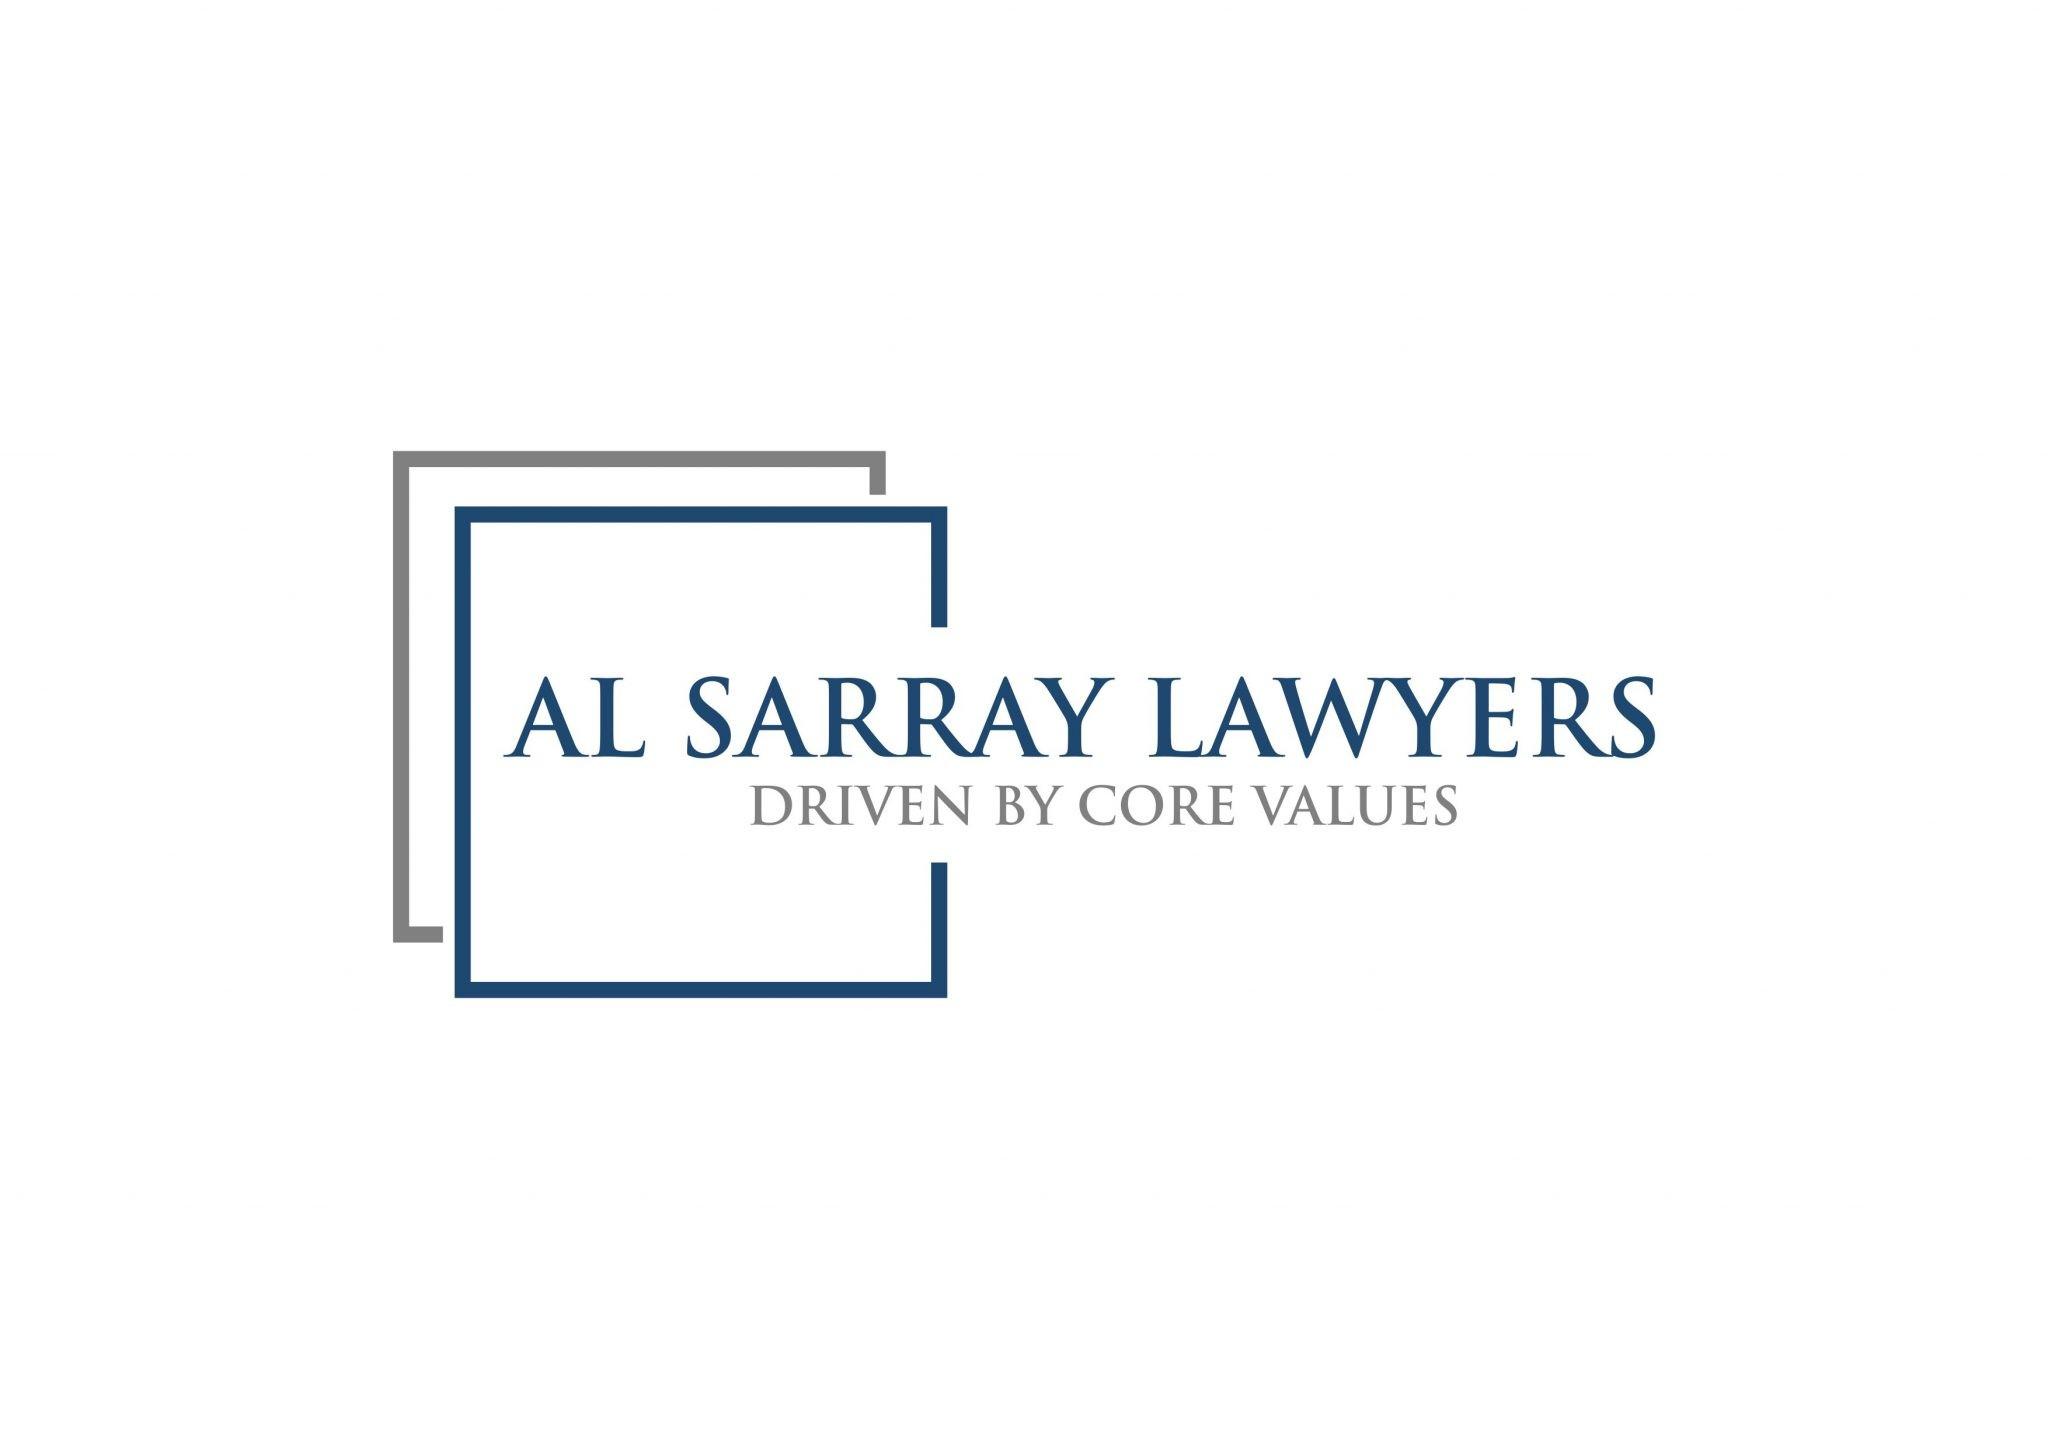 Al Sarray Lawyers